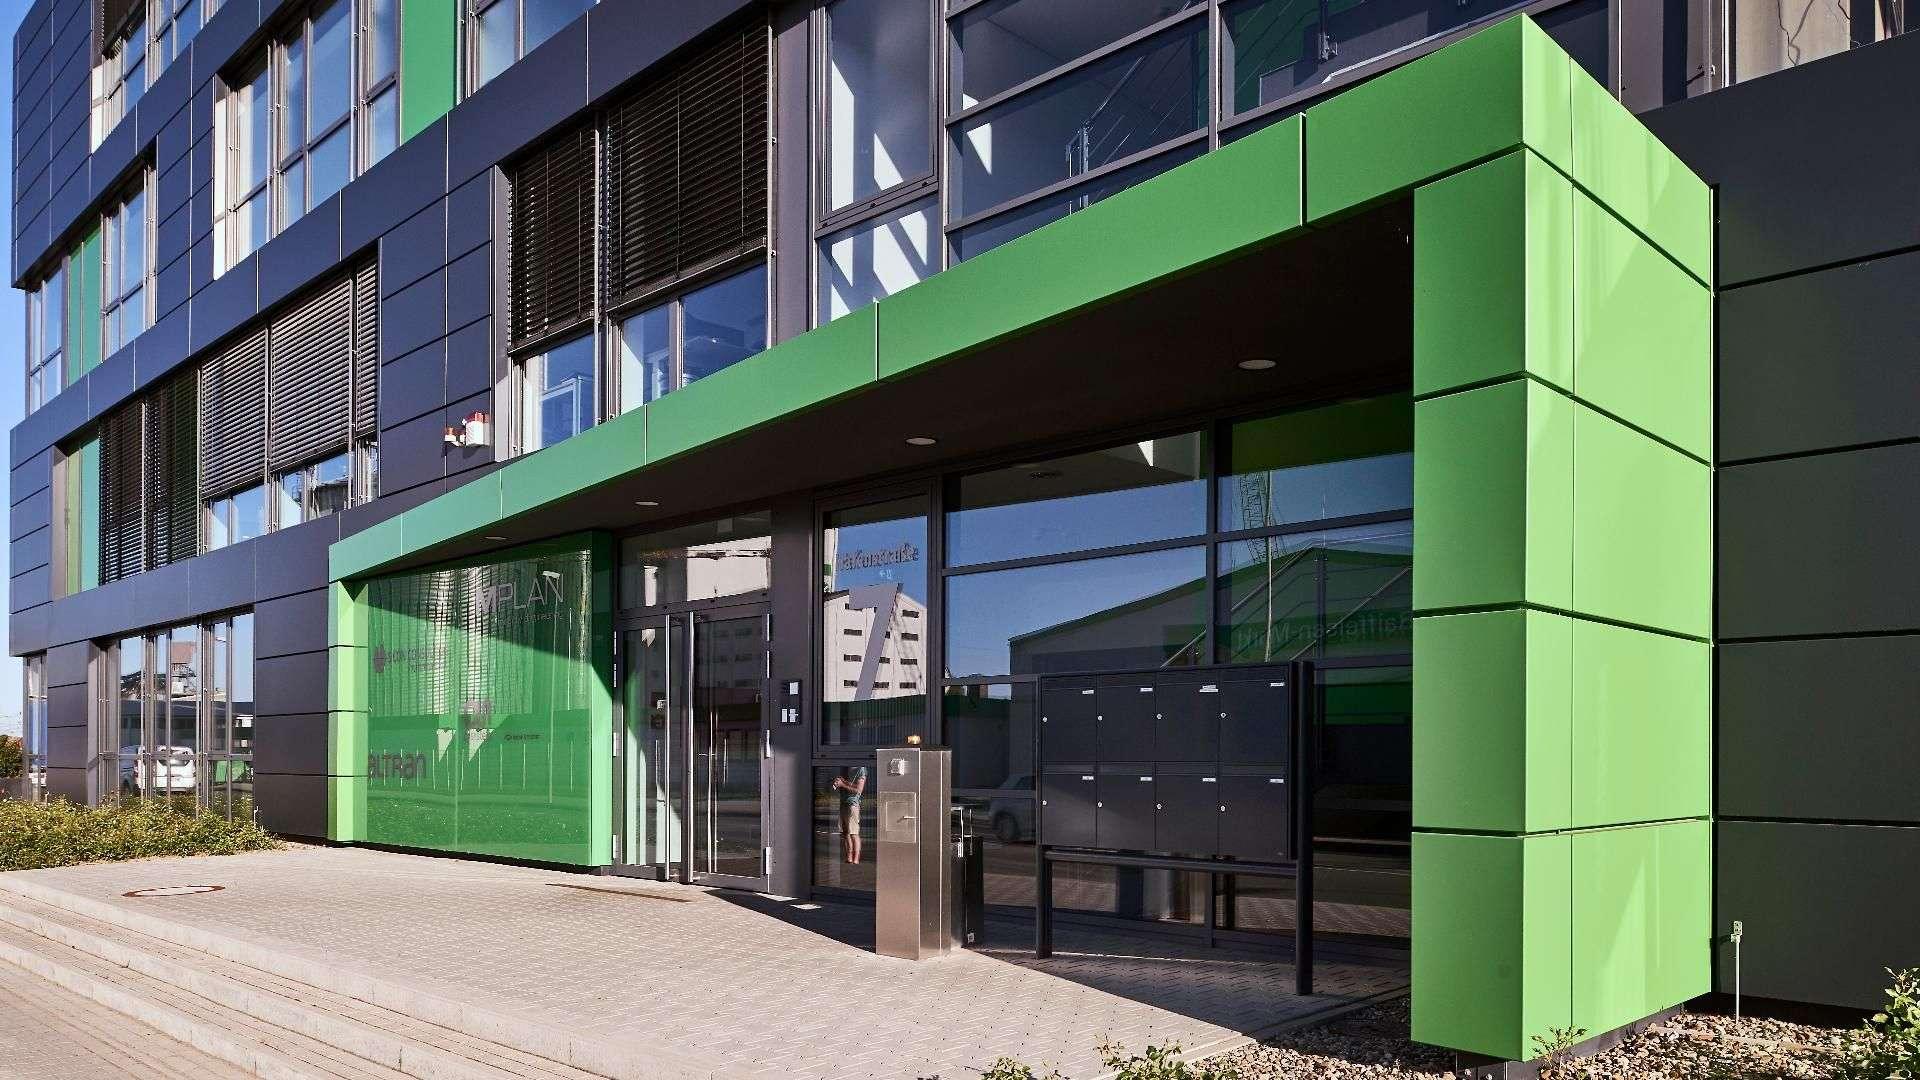 grüne Verglasung im Eingangsbereich eines Firmengebäudes